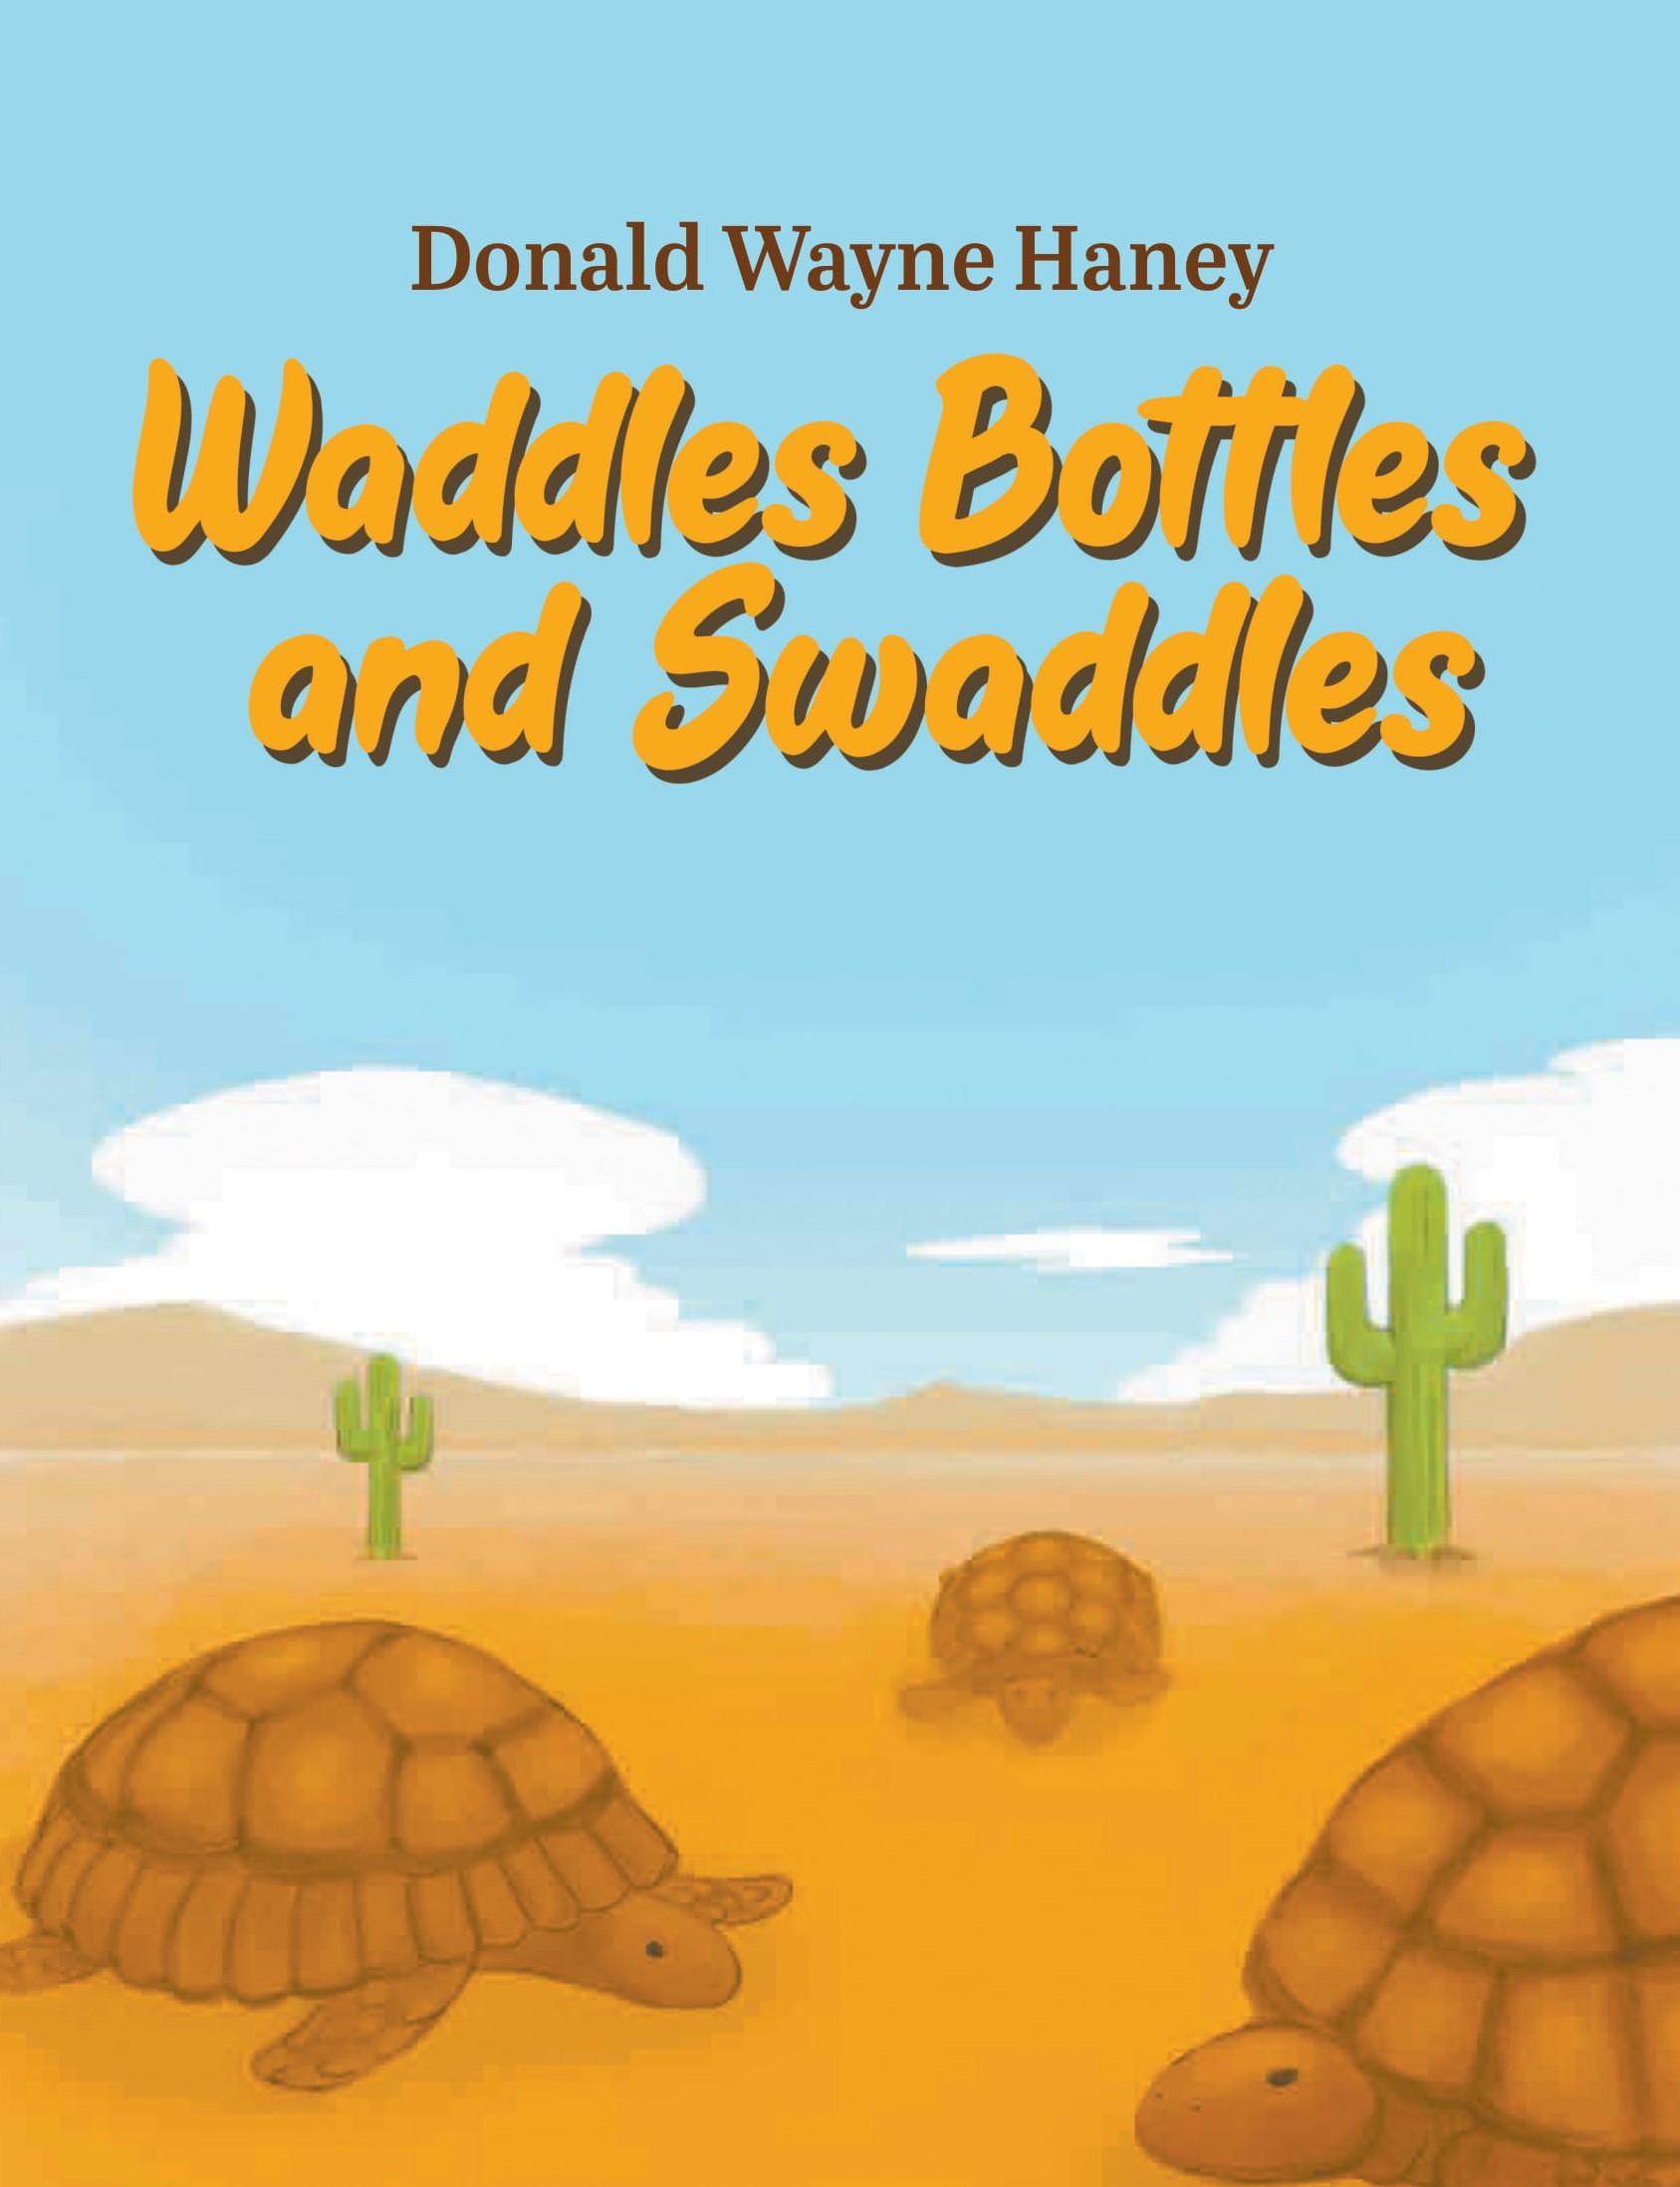 waddlebottles_front